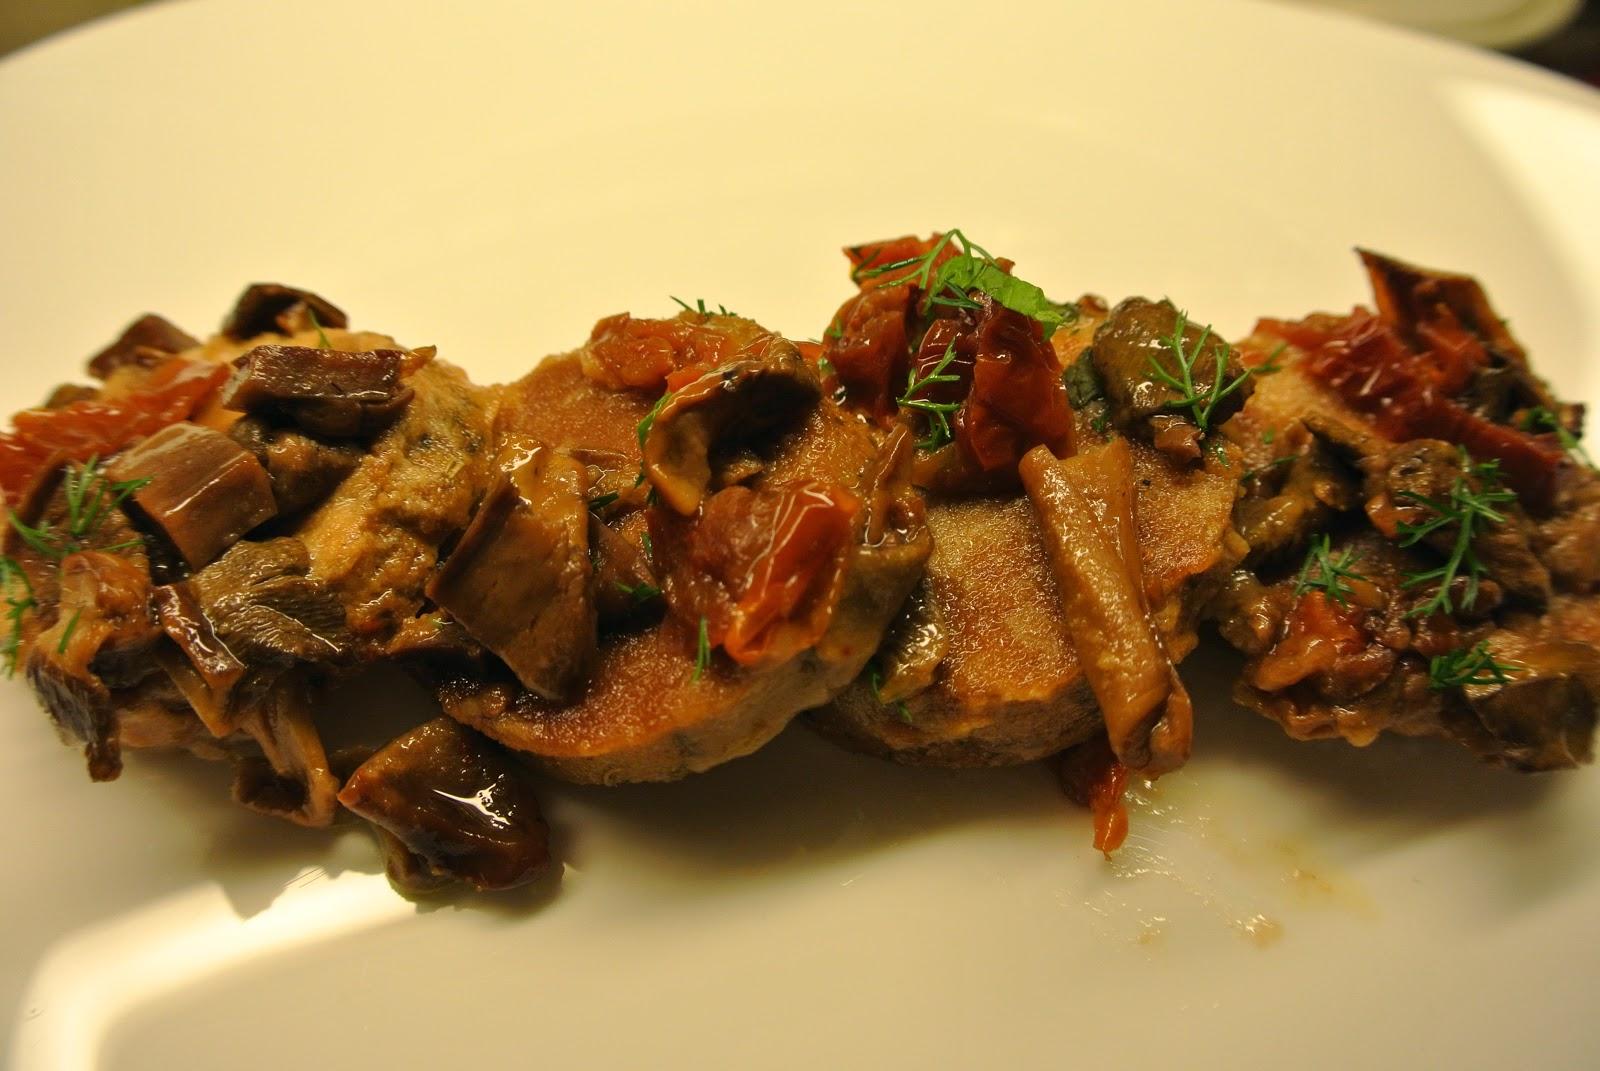 scaloppine di seitan con pomodori secchi e funghi porcini